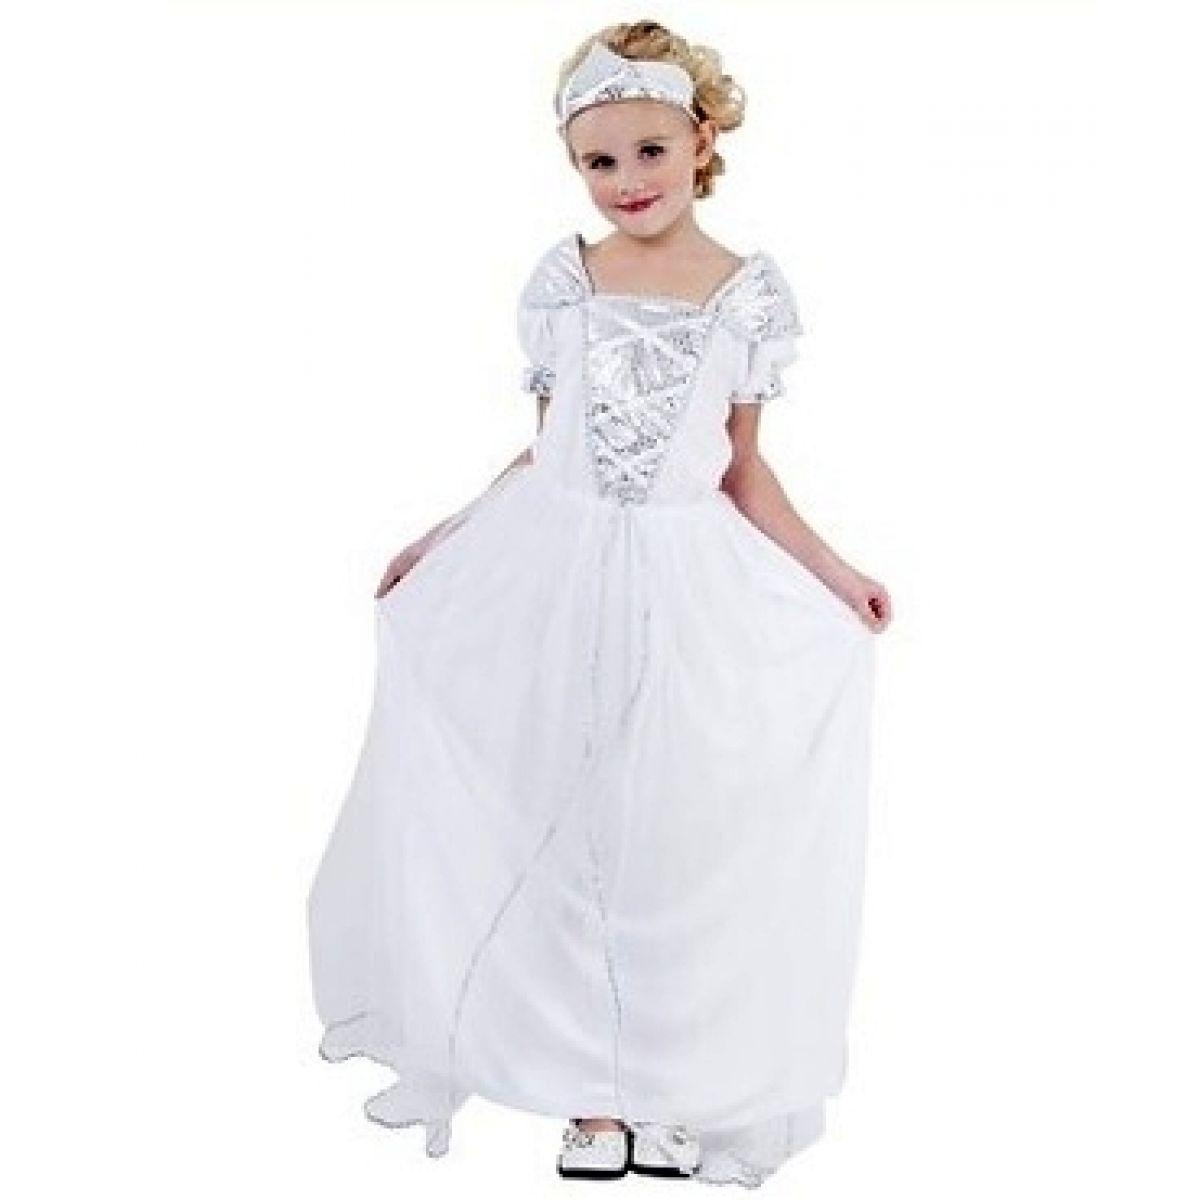 Dětský kostým Princezna s korunkou 5-9 let